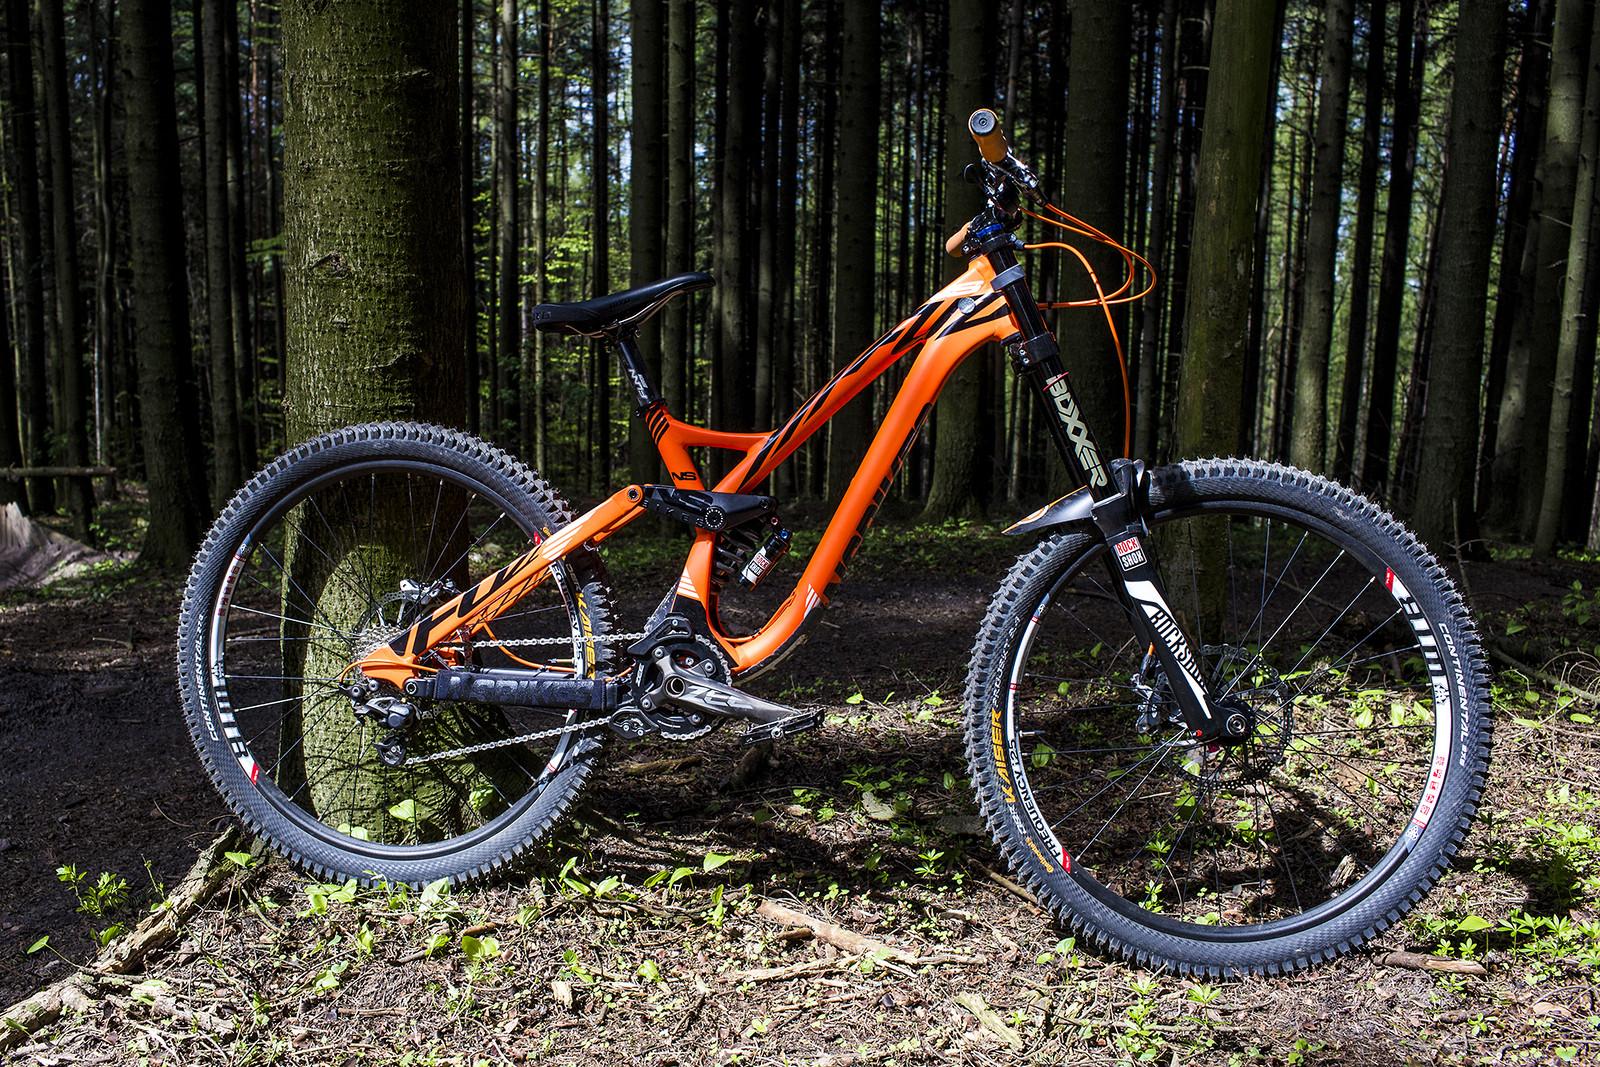 Tina S Ns Bikes Fuzz Goferrro S Bike Check Vital Mtb